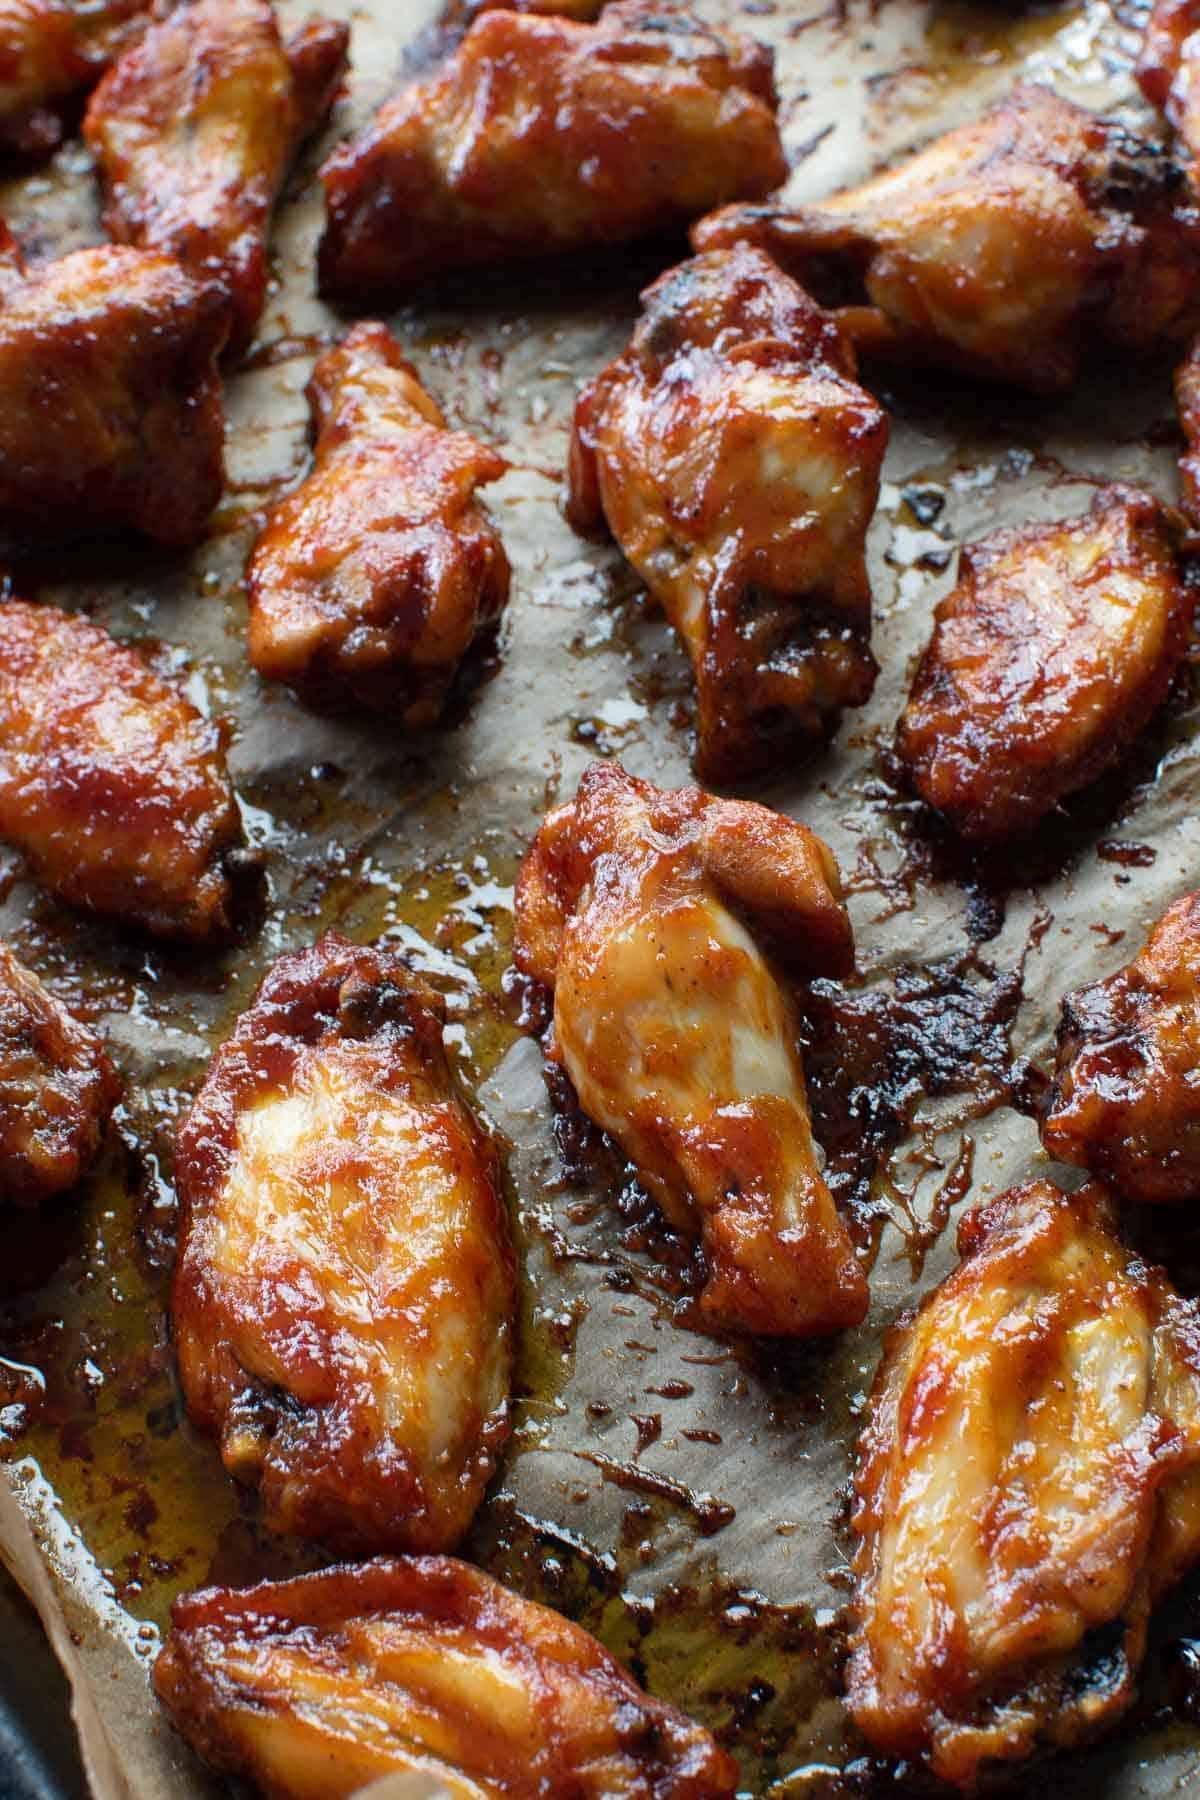 BBQ glazed wings on a baking sheet.